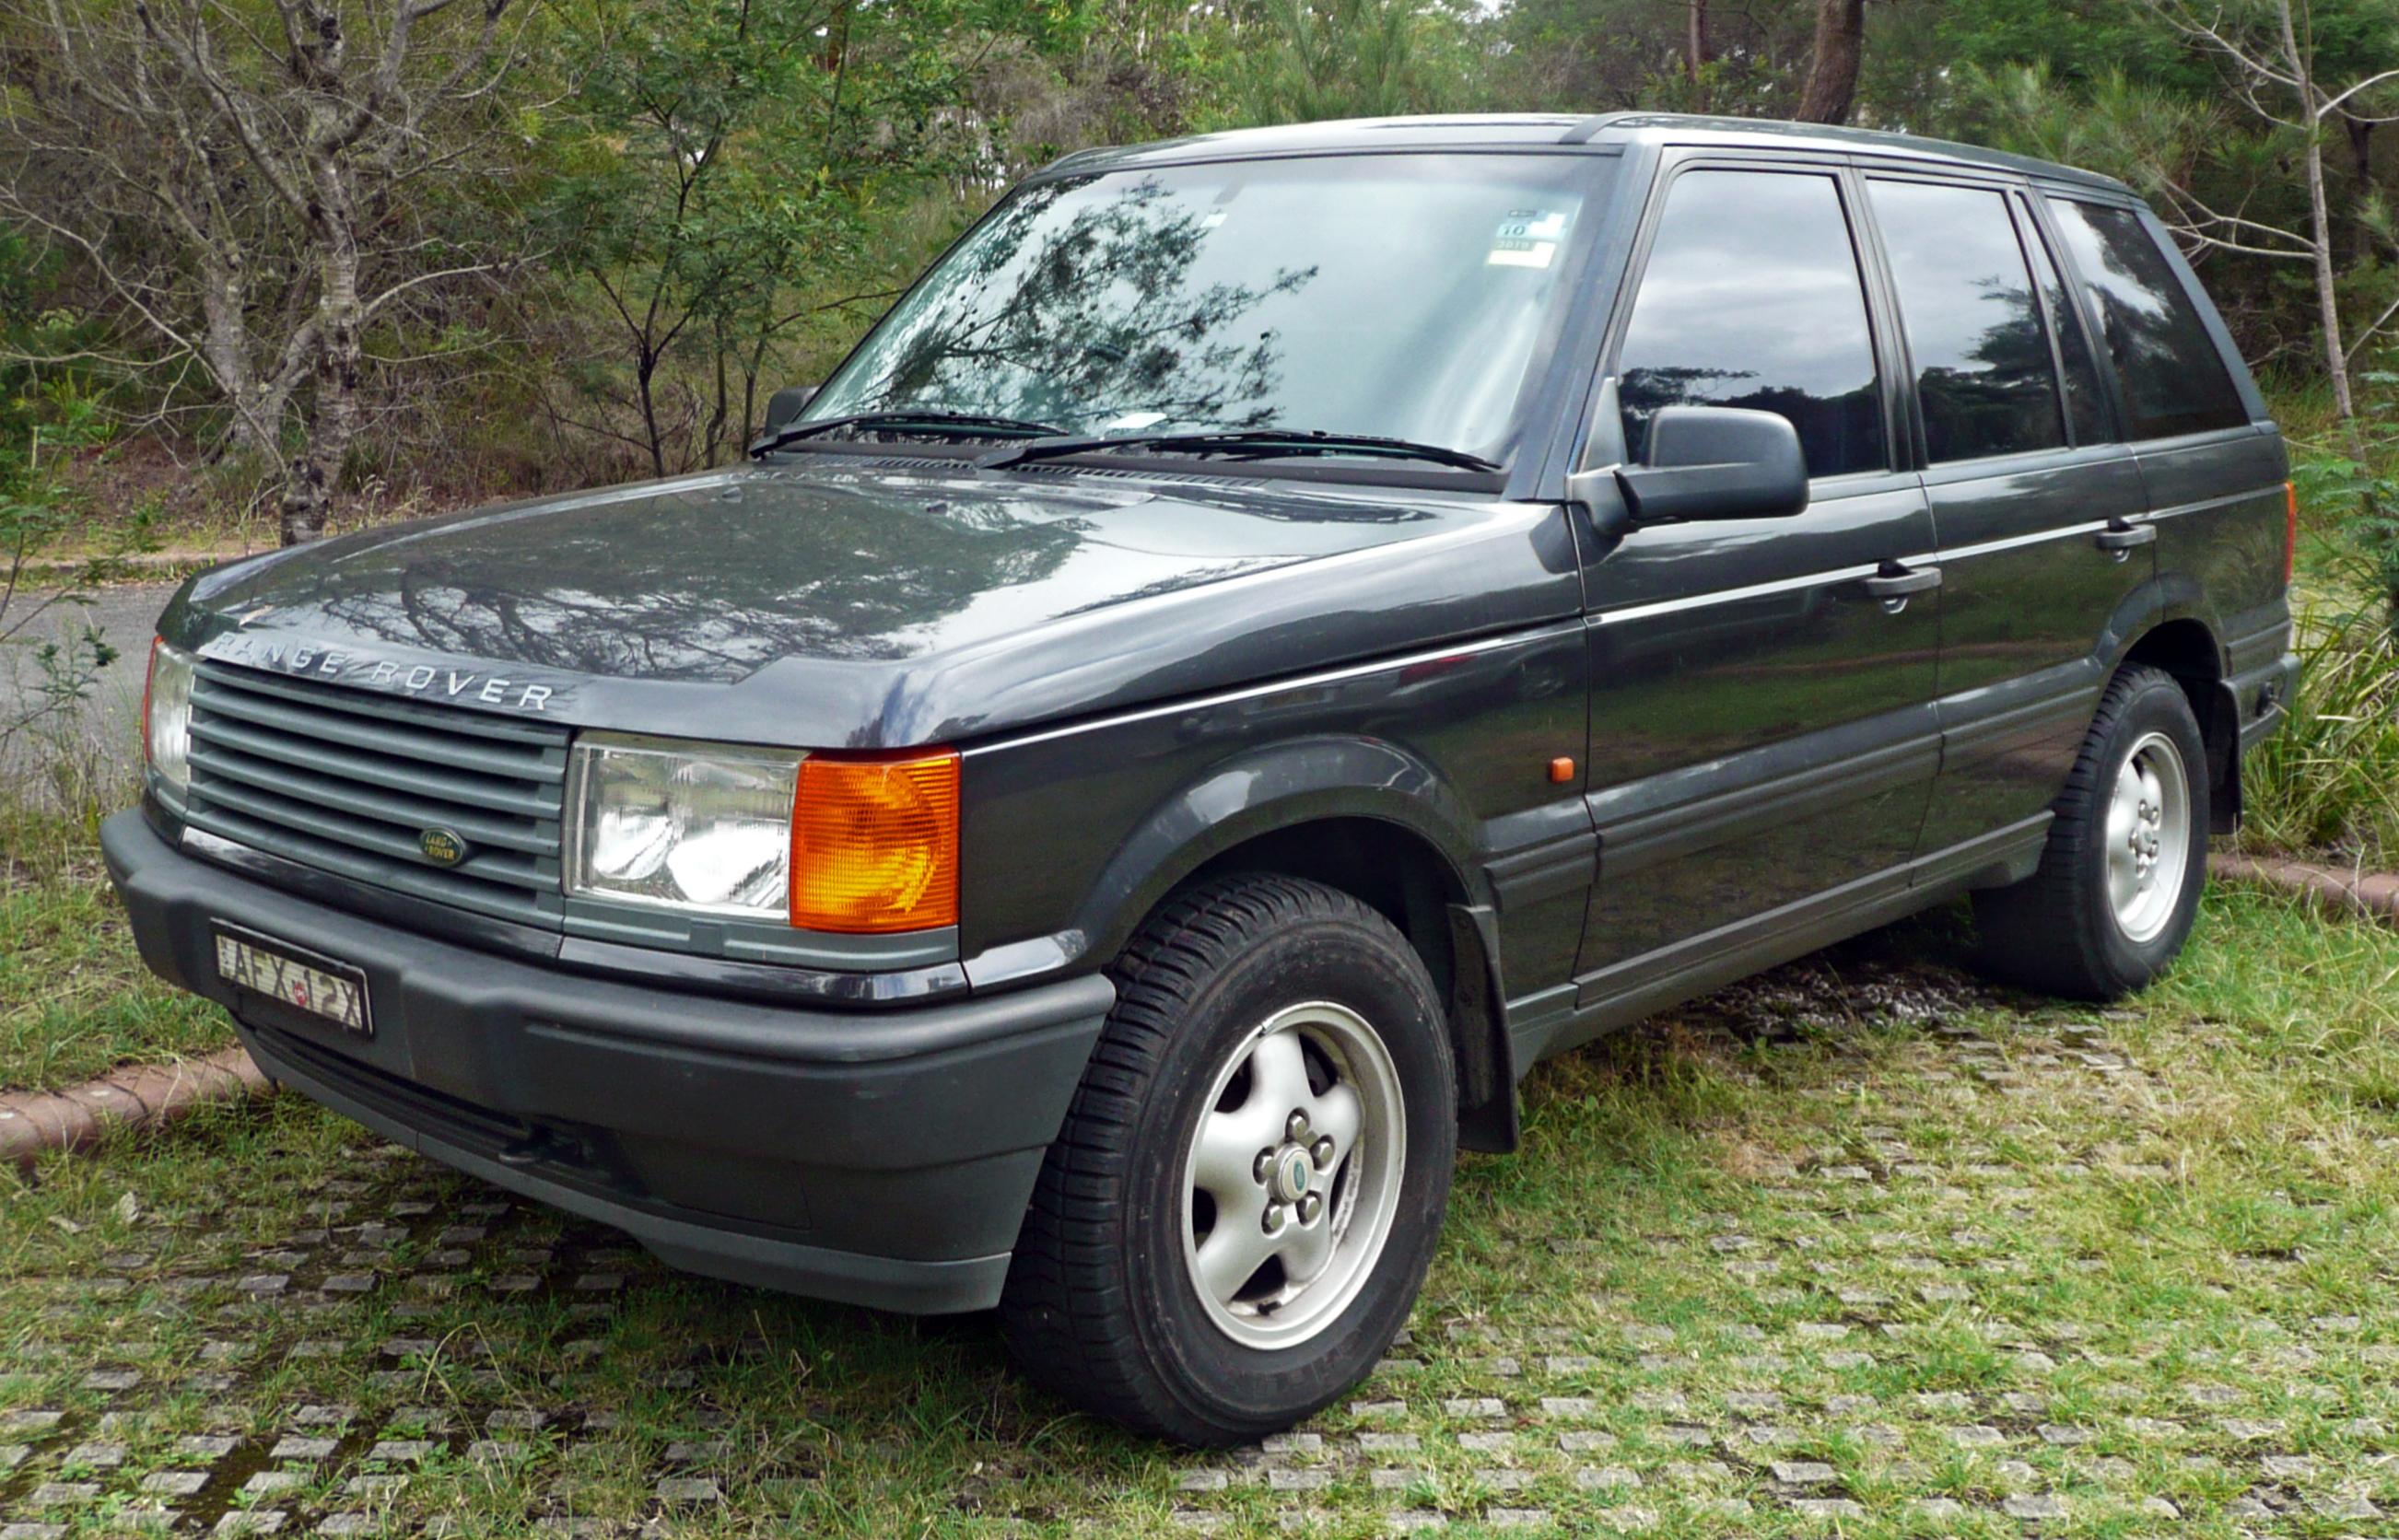 File:1995-1998 Land Rover Range Rover (P38A) 4.0 SE wagon 04